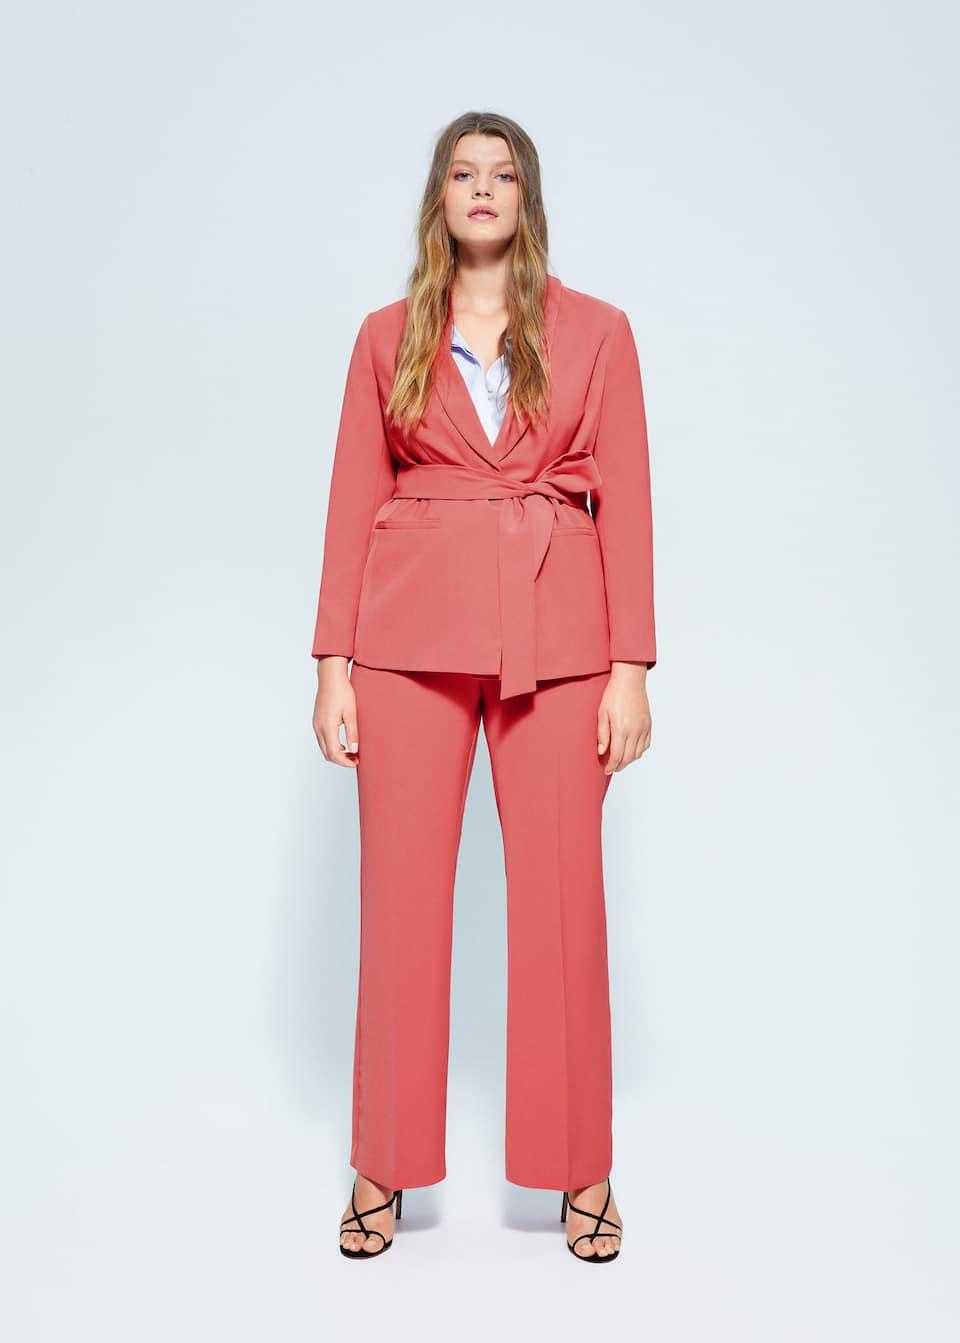 Structured suit blazer - General plane